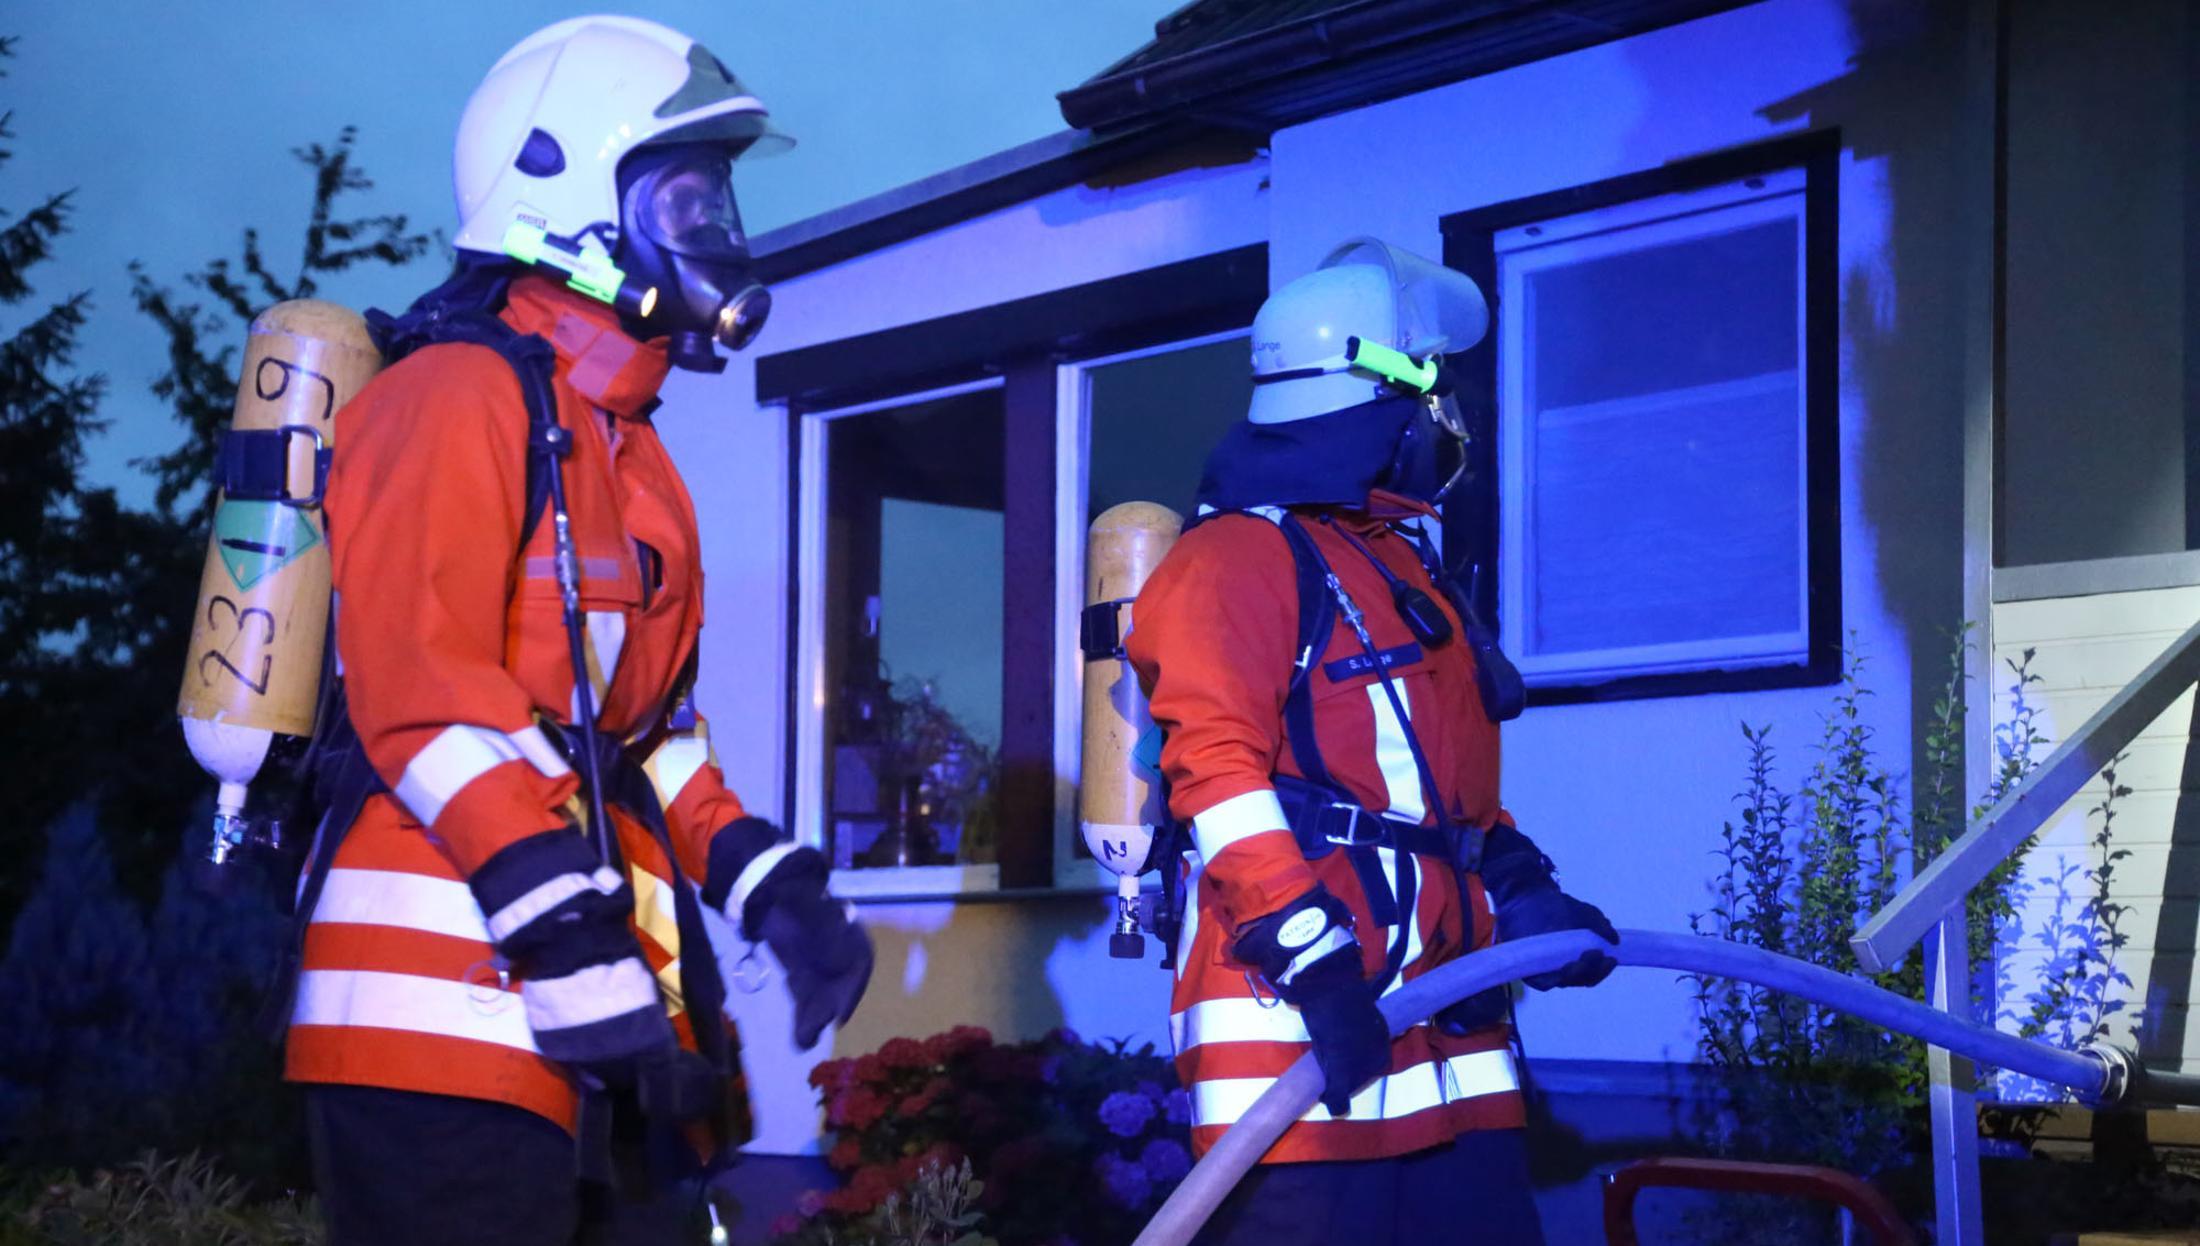 Sirenenalarm: Kellerbrand in Echte